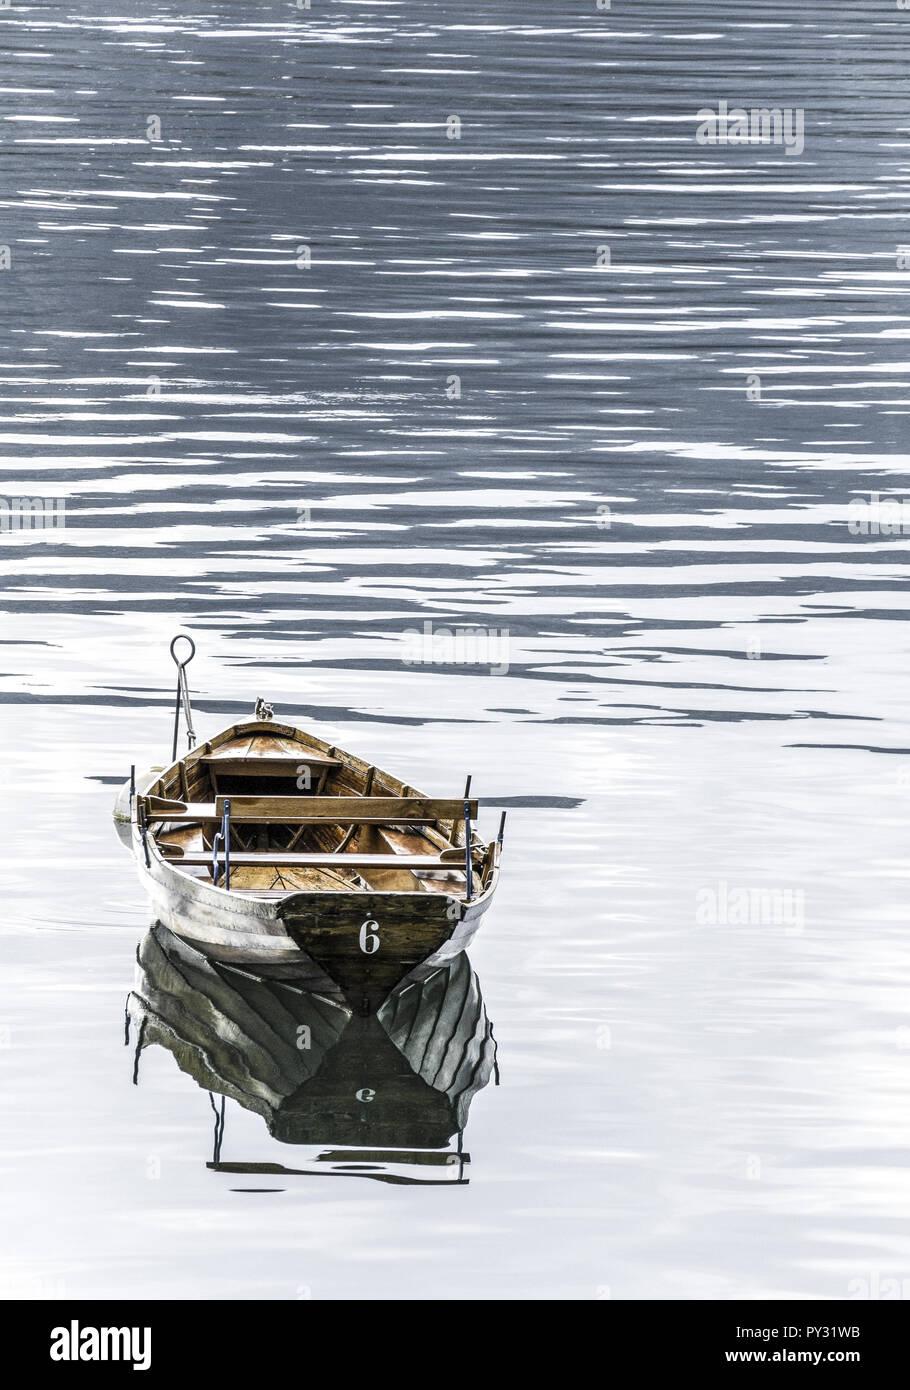 Ruderboot aus Holz schwimmt in ruhigem Gewaesser - Stock Image